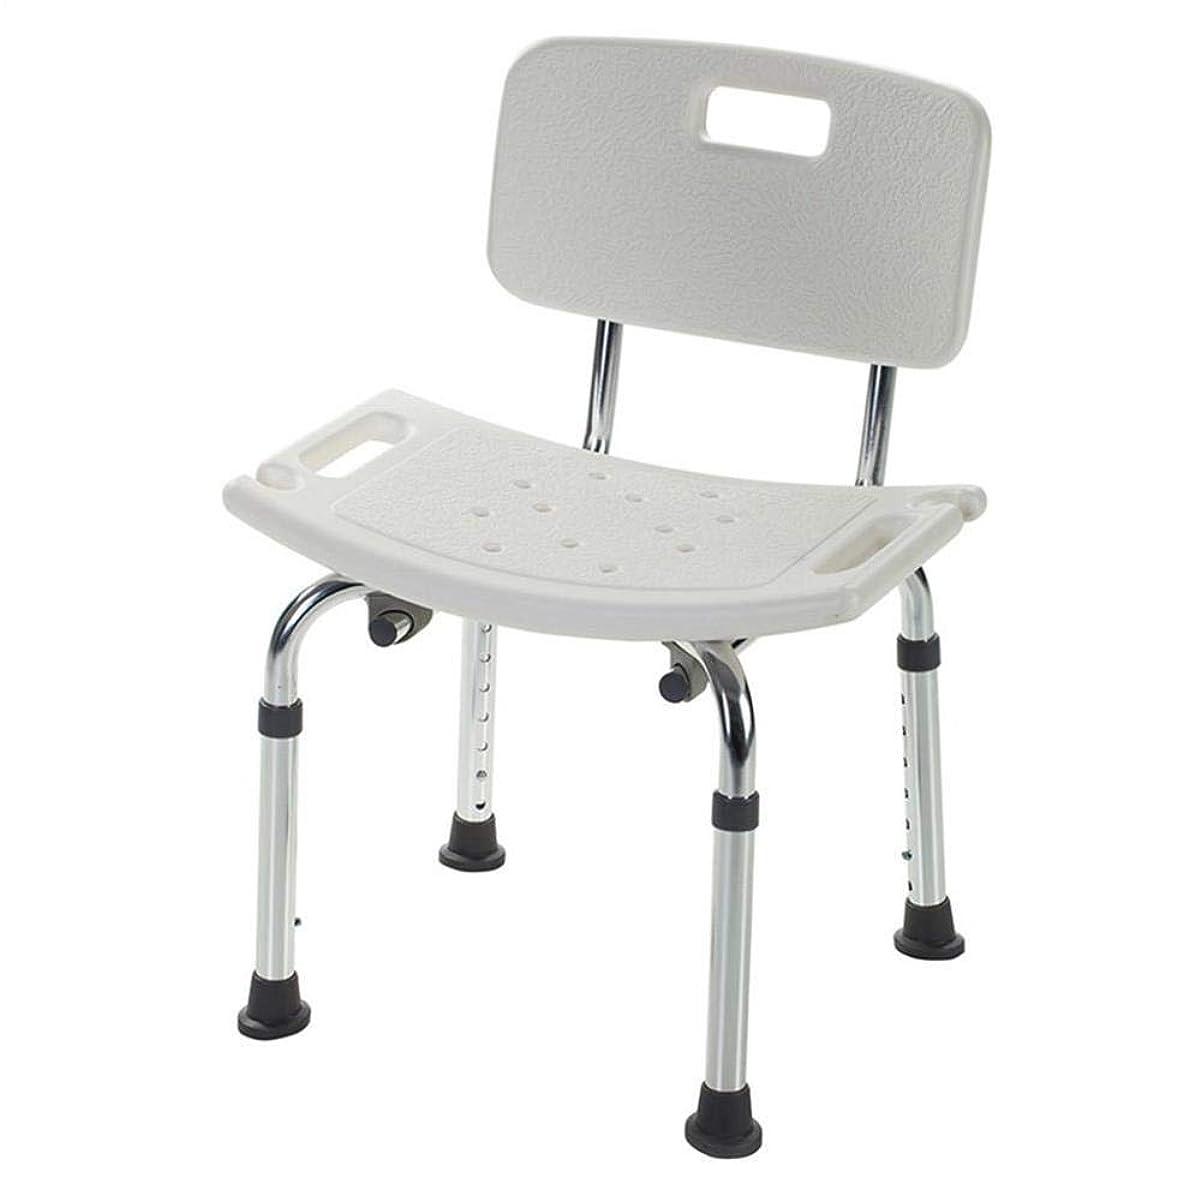 応用クレーターすきバスシートベンチシャワースツールシャワーチェア、背もたれ付きU字型シートプレート高さ調節可能な高齢者用入浴補助具